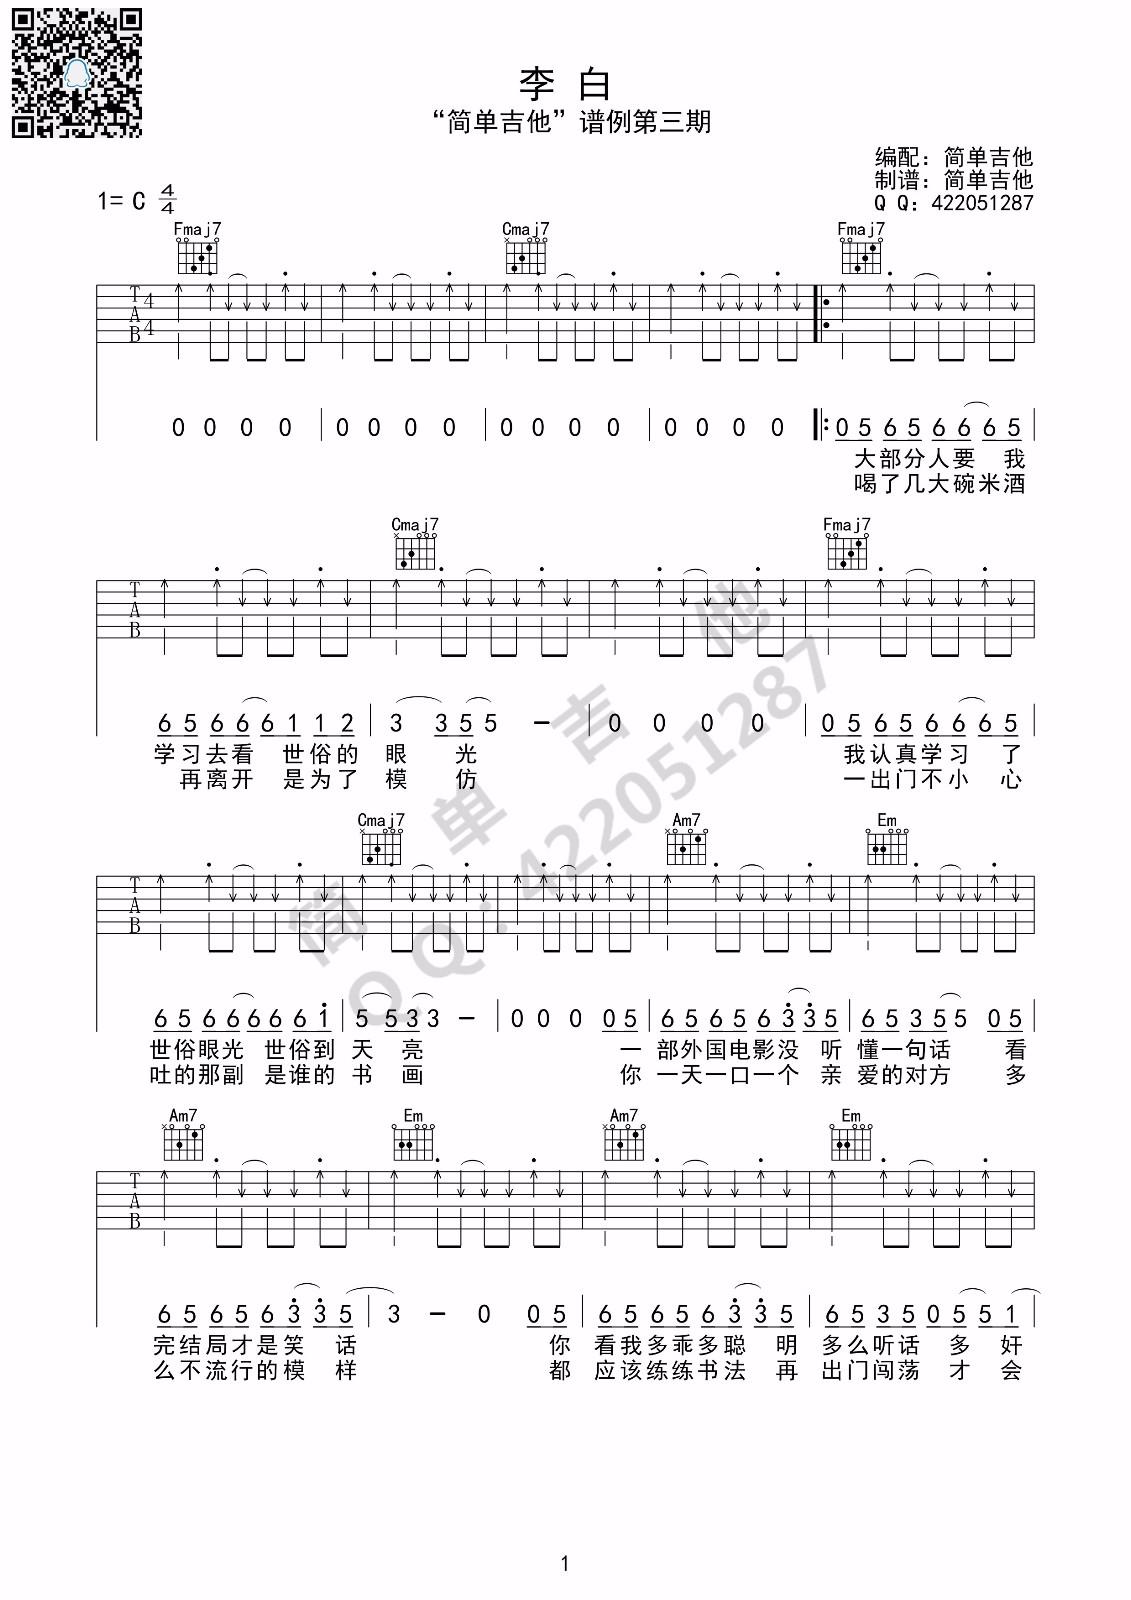 李白 李荣浩 - 吉他谱(简单吉他编配制谱) - 嗨吉他